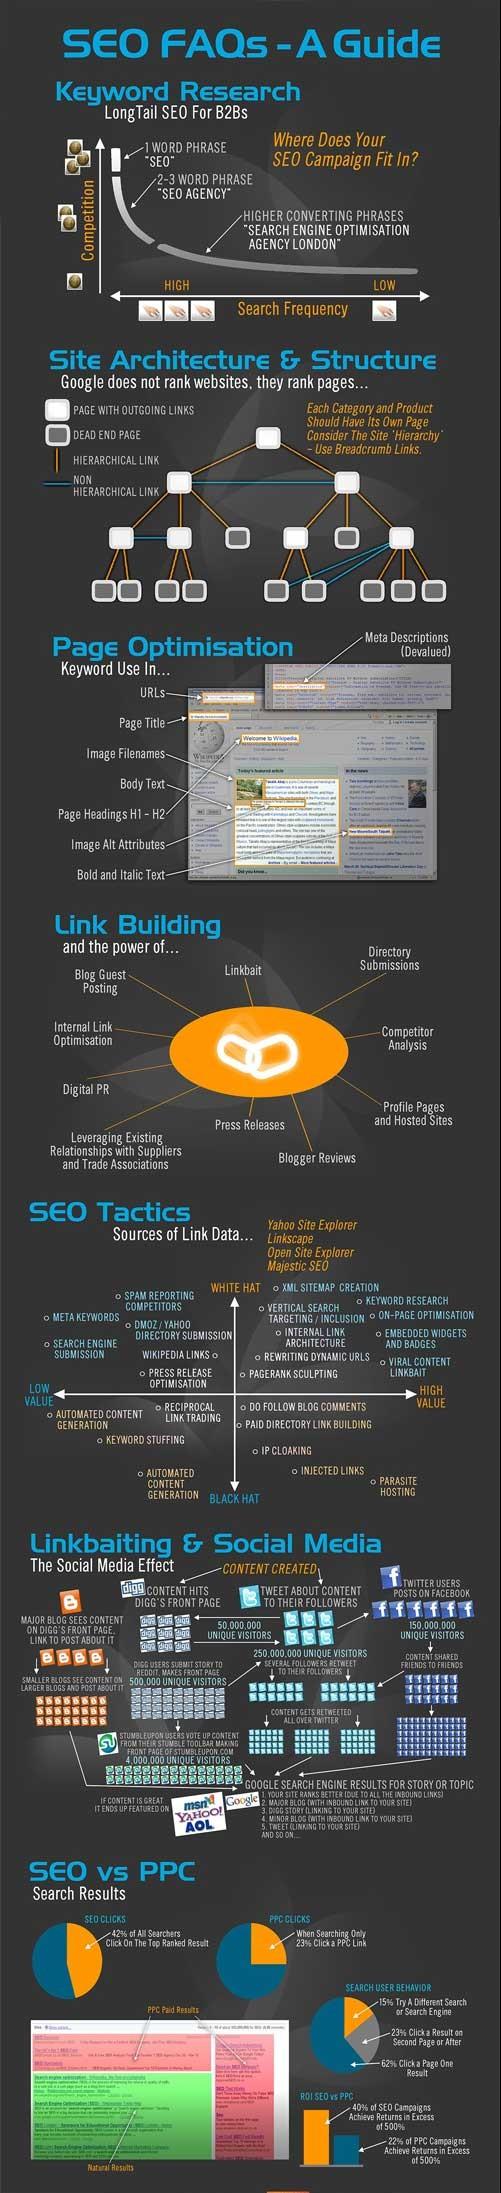 SEO-Infographic222